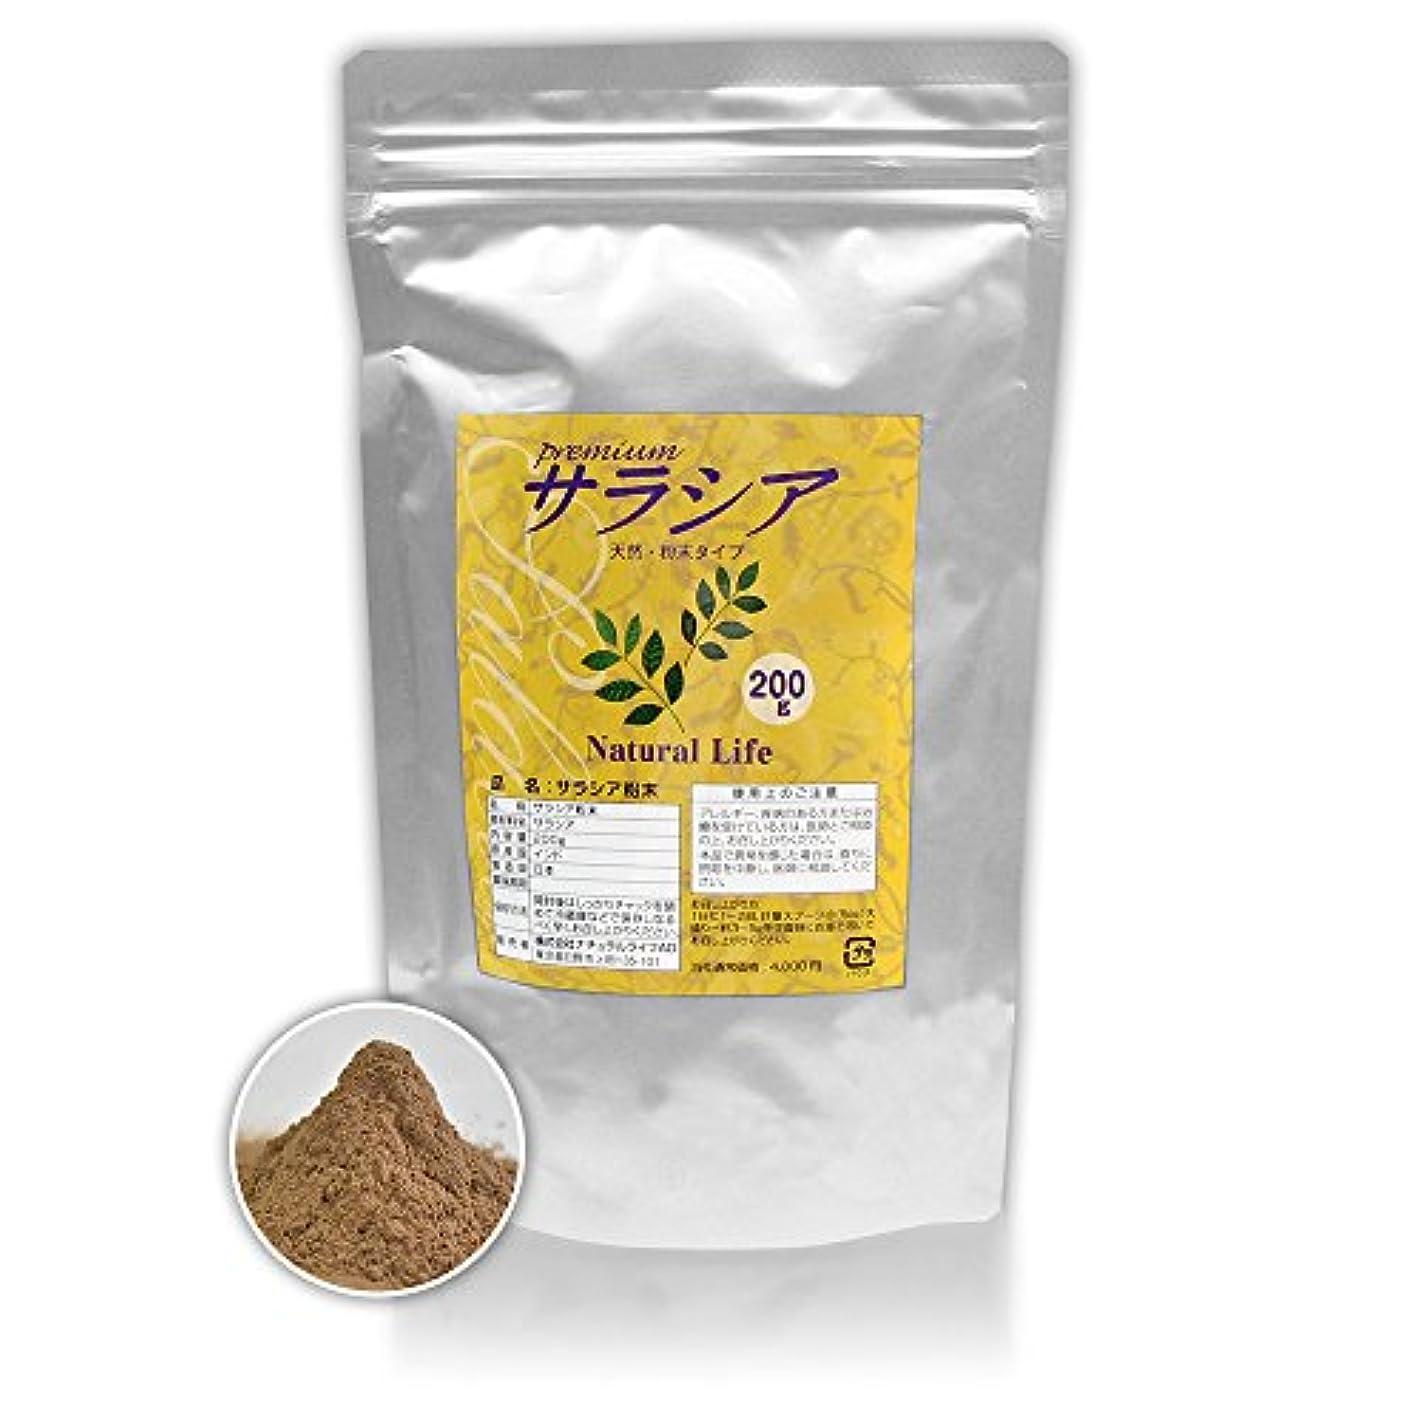 あえぎ一般的な引き出すサラシア粉末[200g]天然ピュア原料(無添加)健康食品(さらしあ,レティキュラータ)